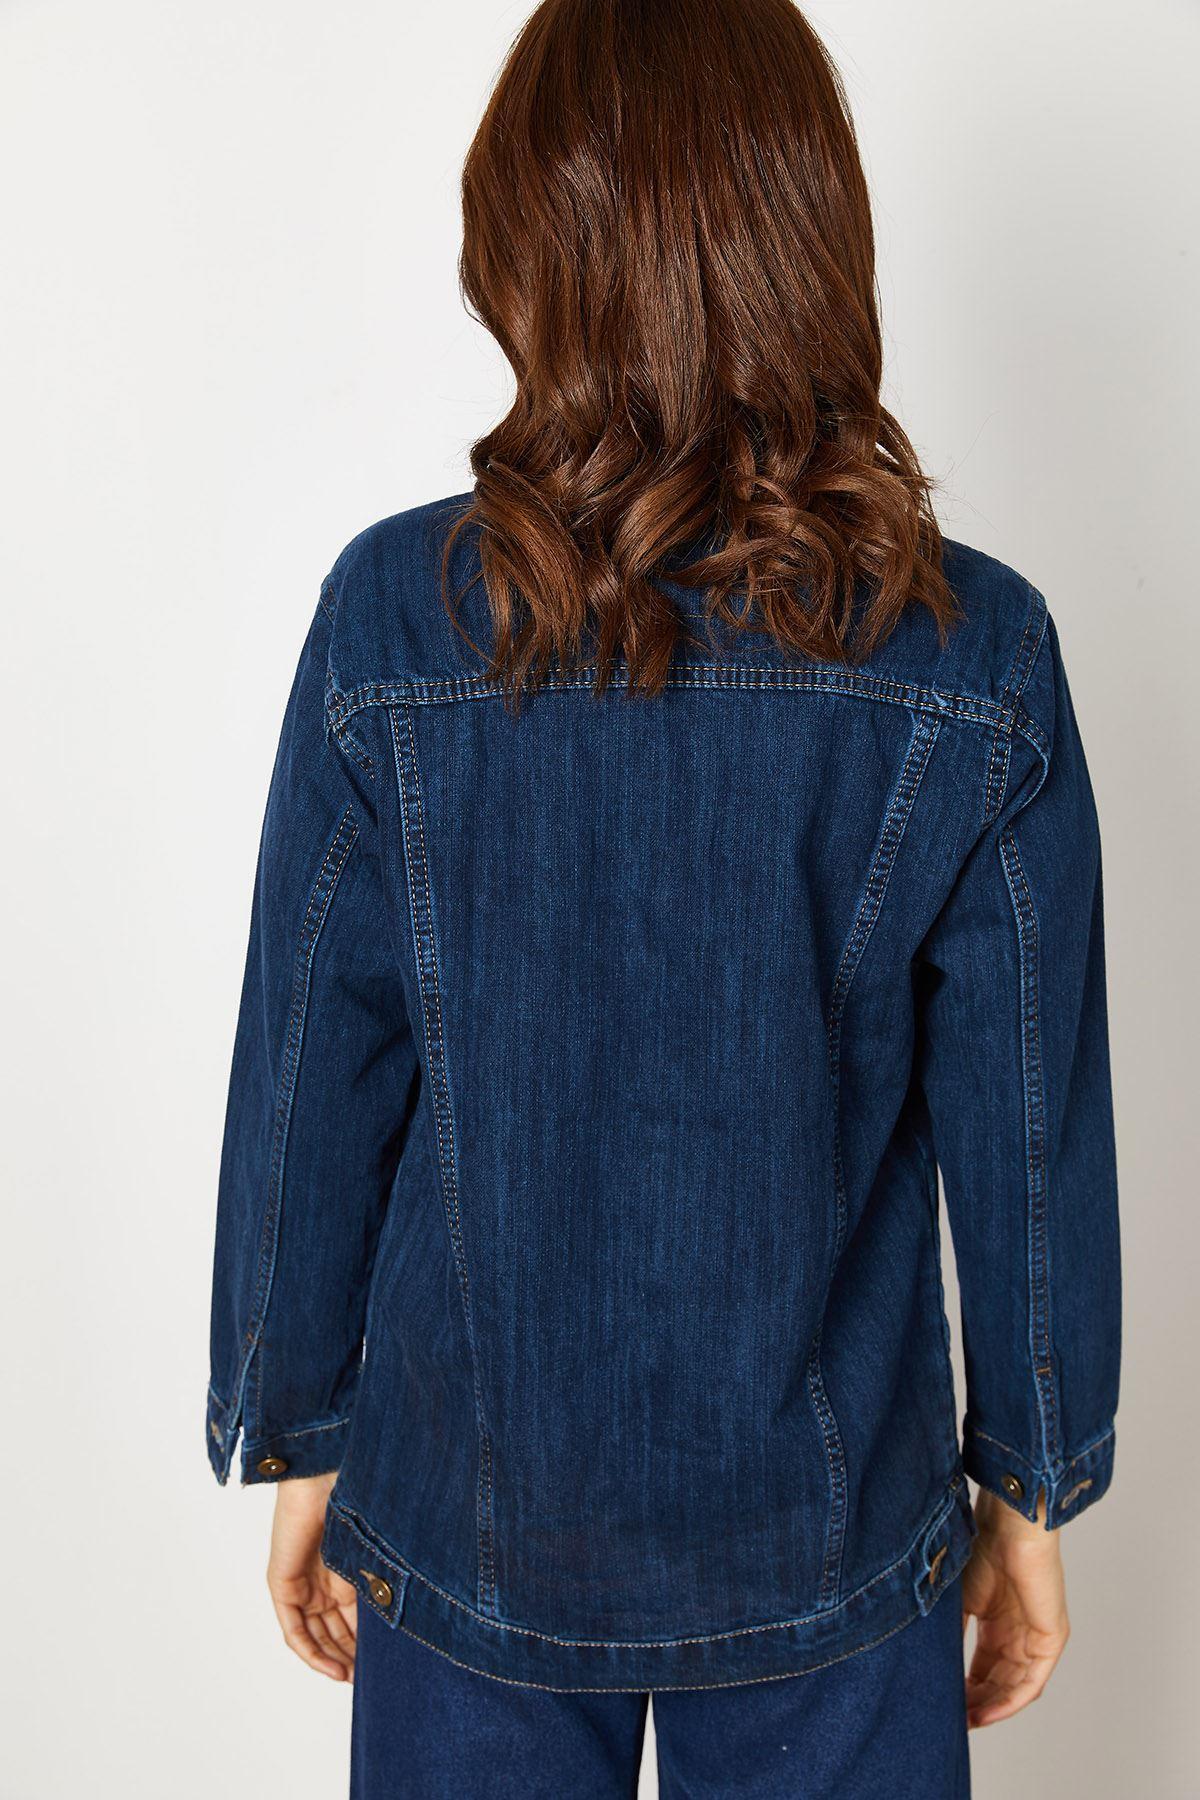 Kadın Kot Ceket